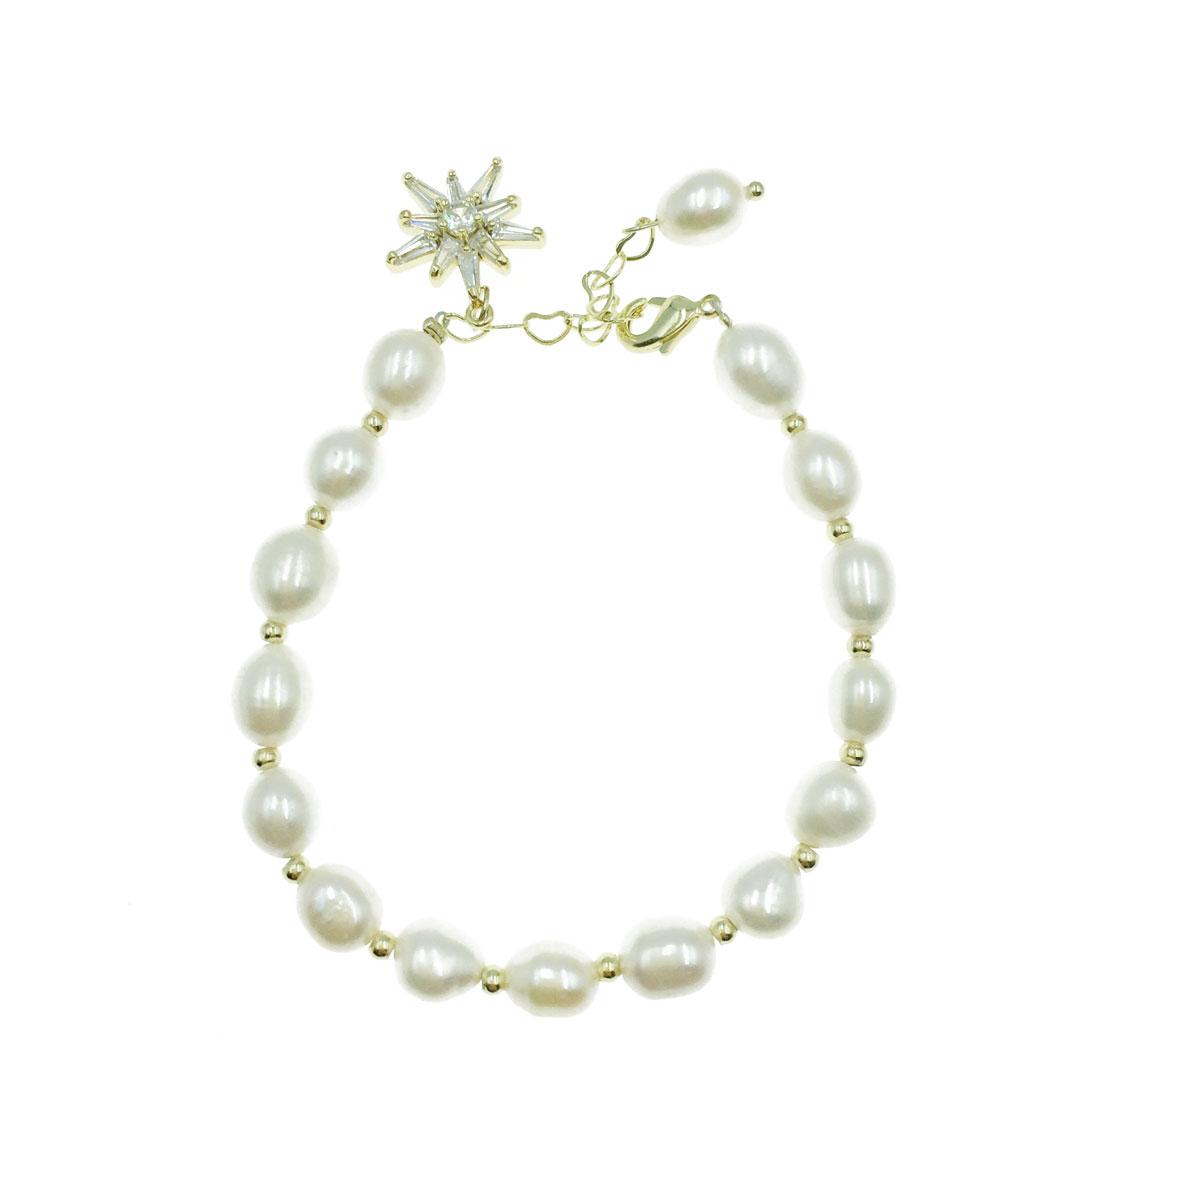 韓國 天然珠 星星 水鑽 愛心 可調式 手鍊